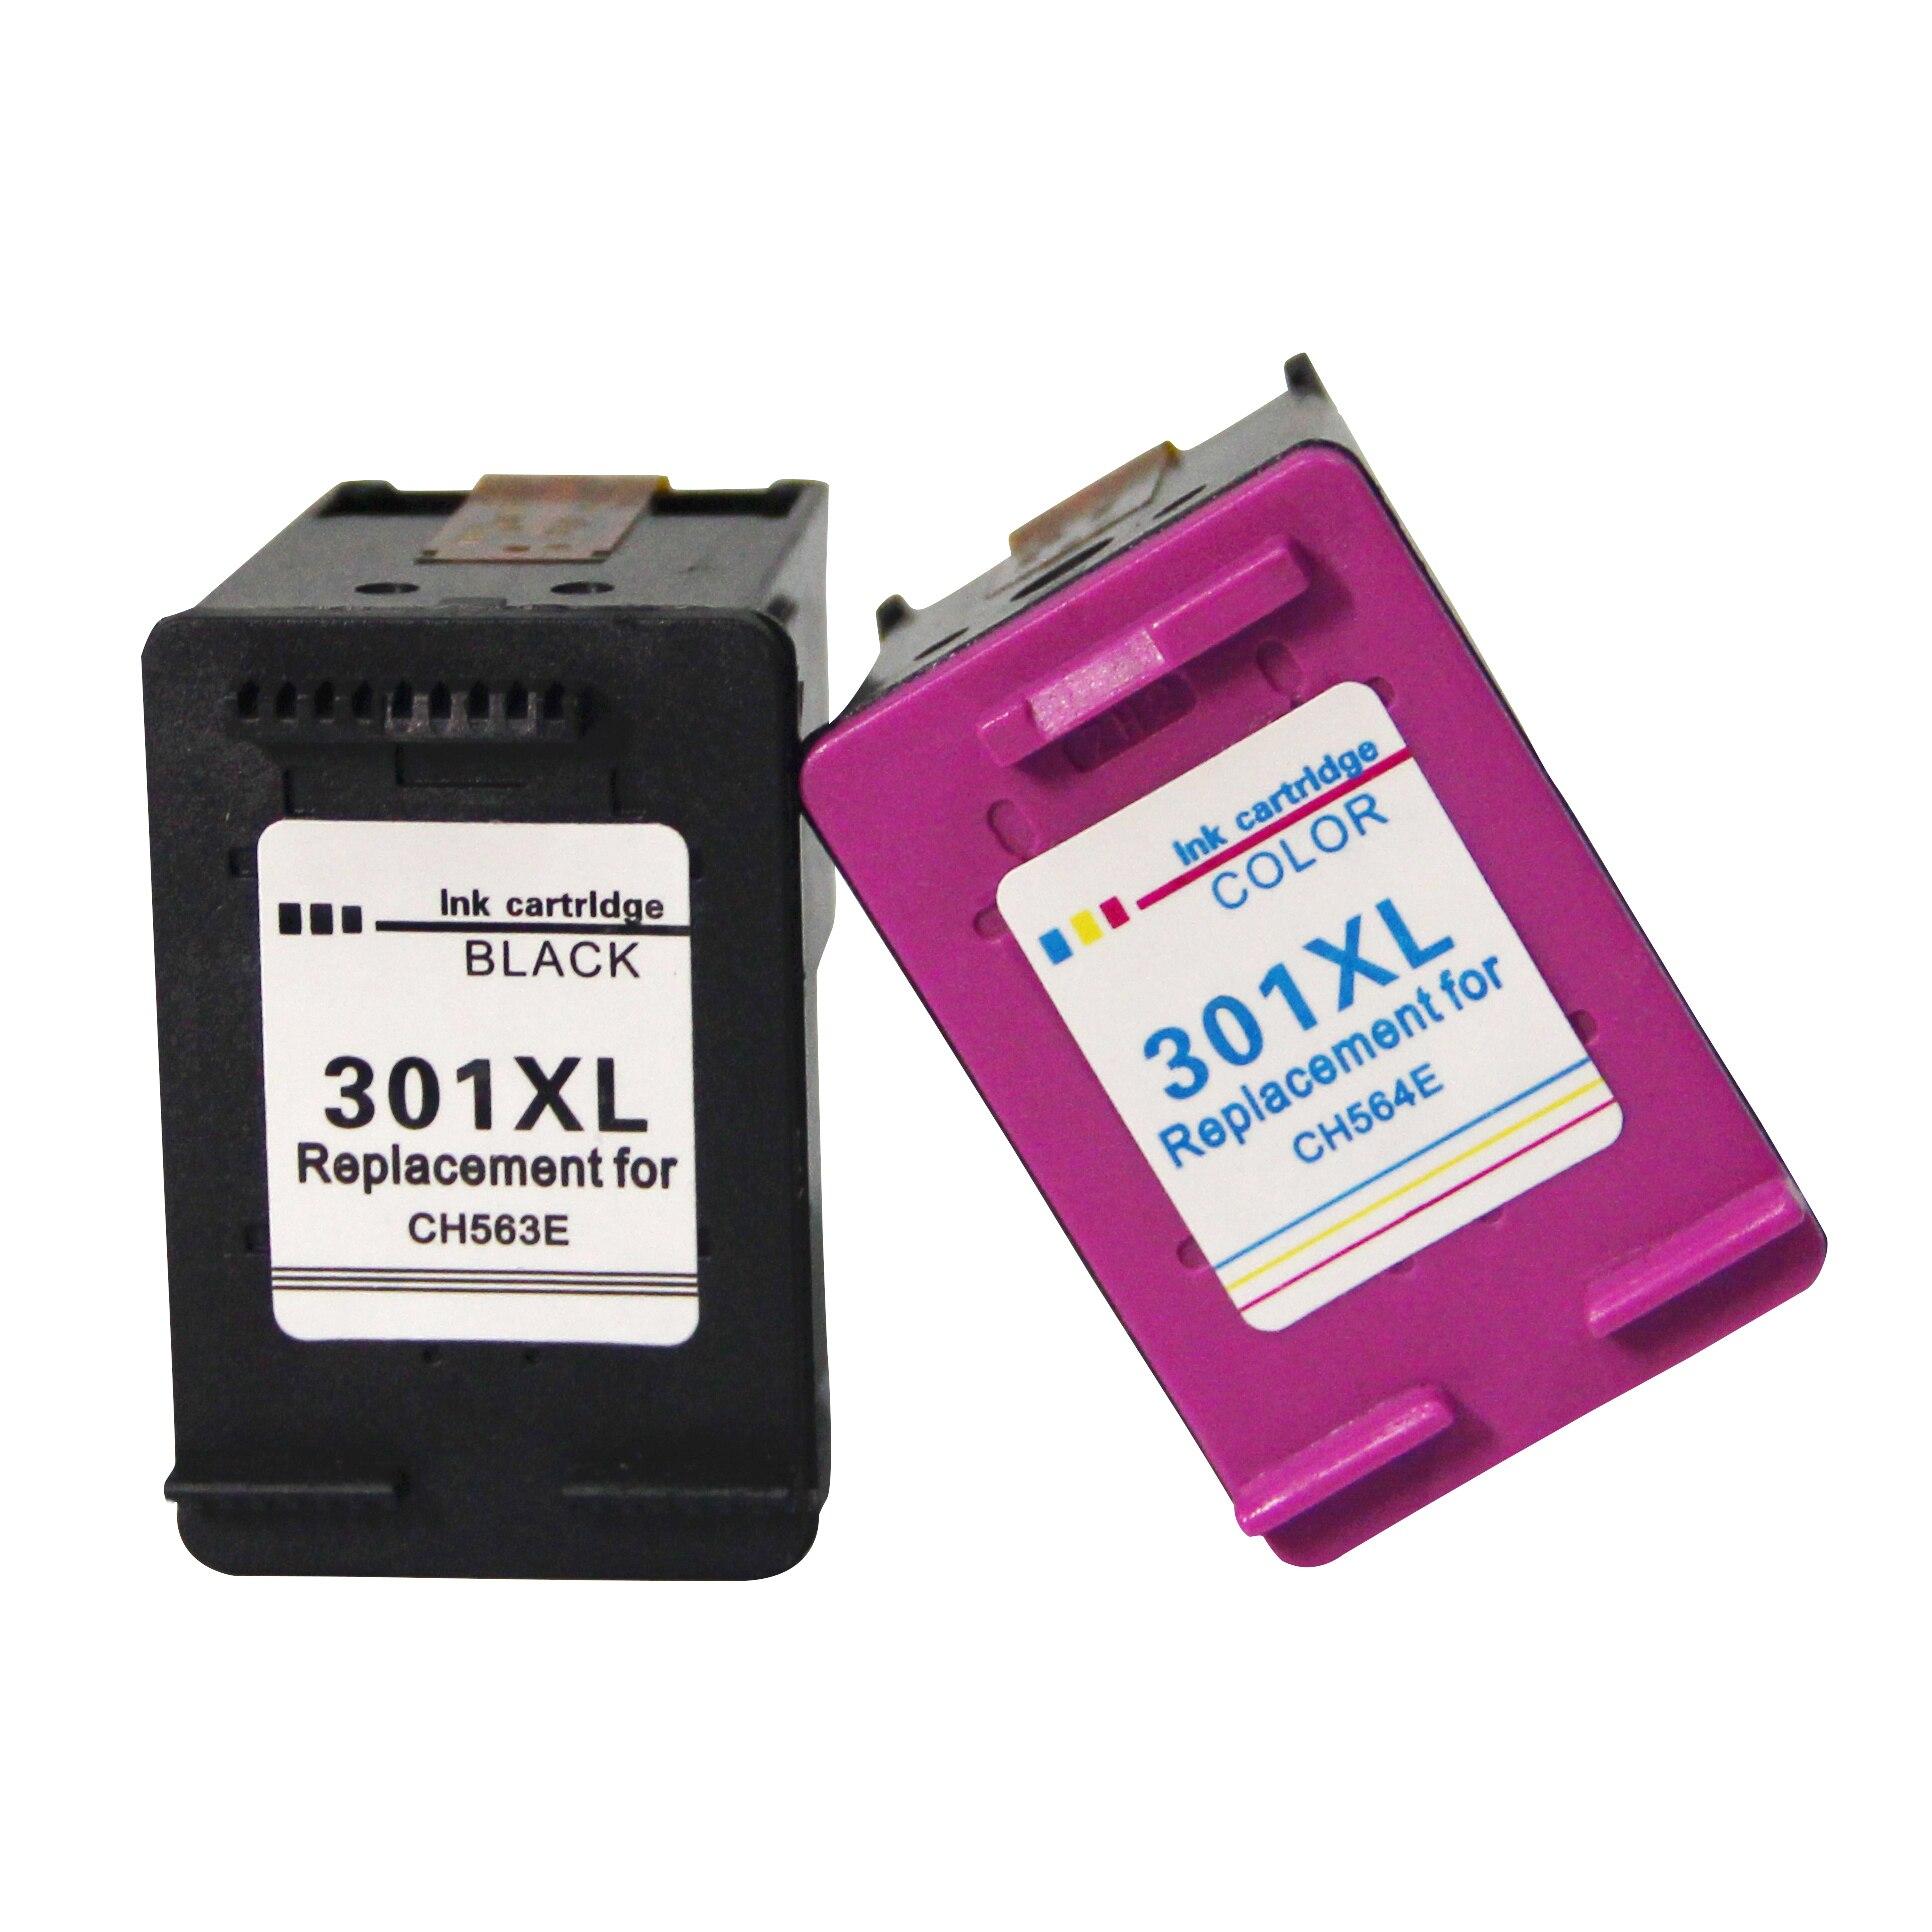 Remanufacturado HP 301XL 301 XL Negro y Tricolor Cartuchos de tinta para Impressora HP Deskjet 1000 1010 1050 1510 2050 2050A 1050A 2540